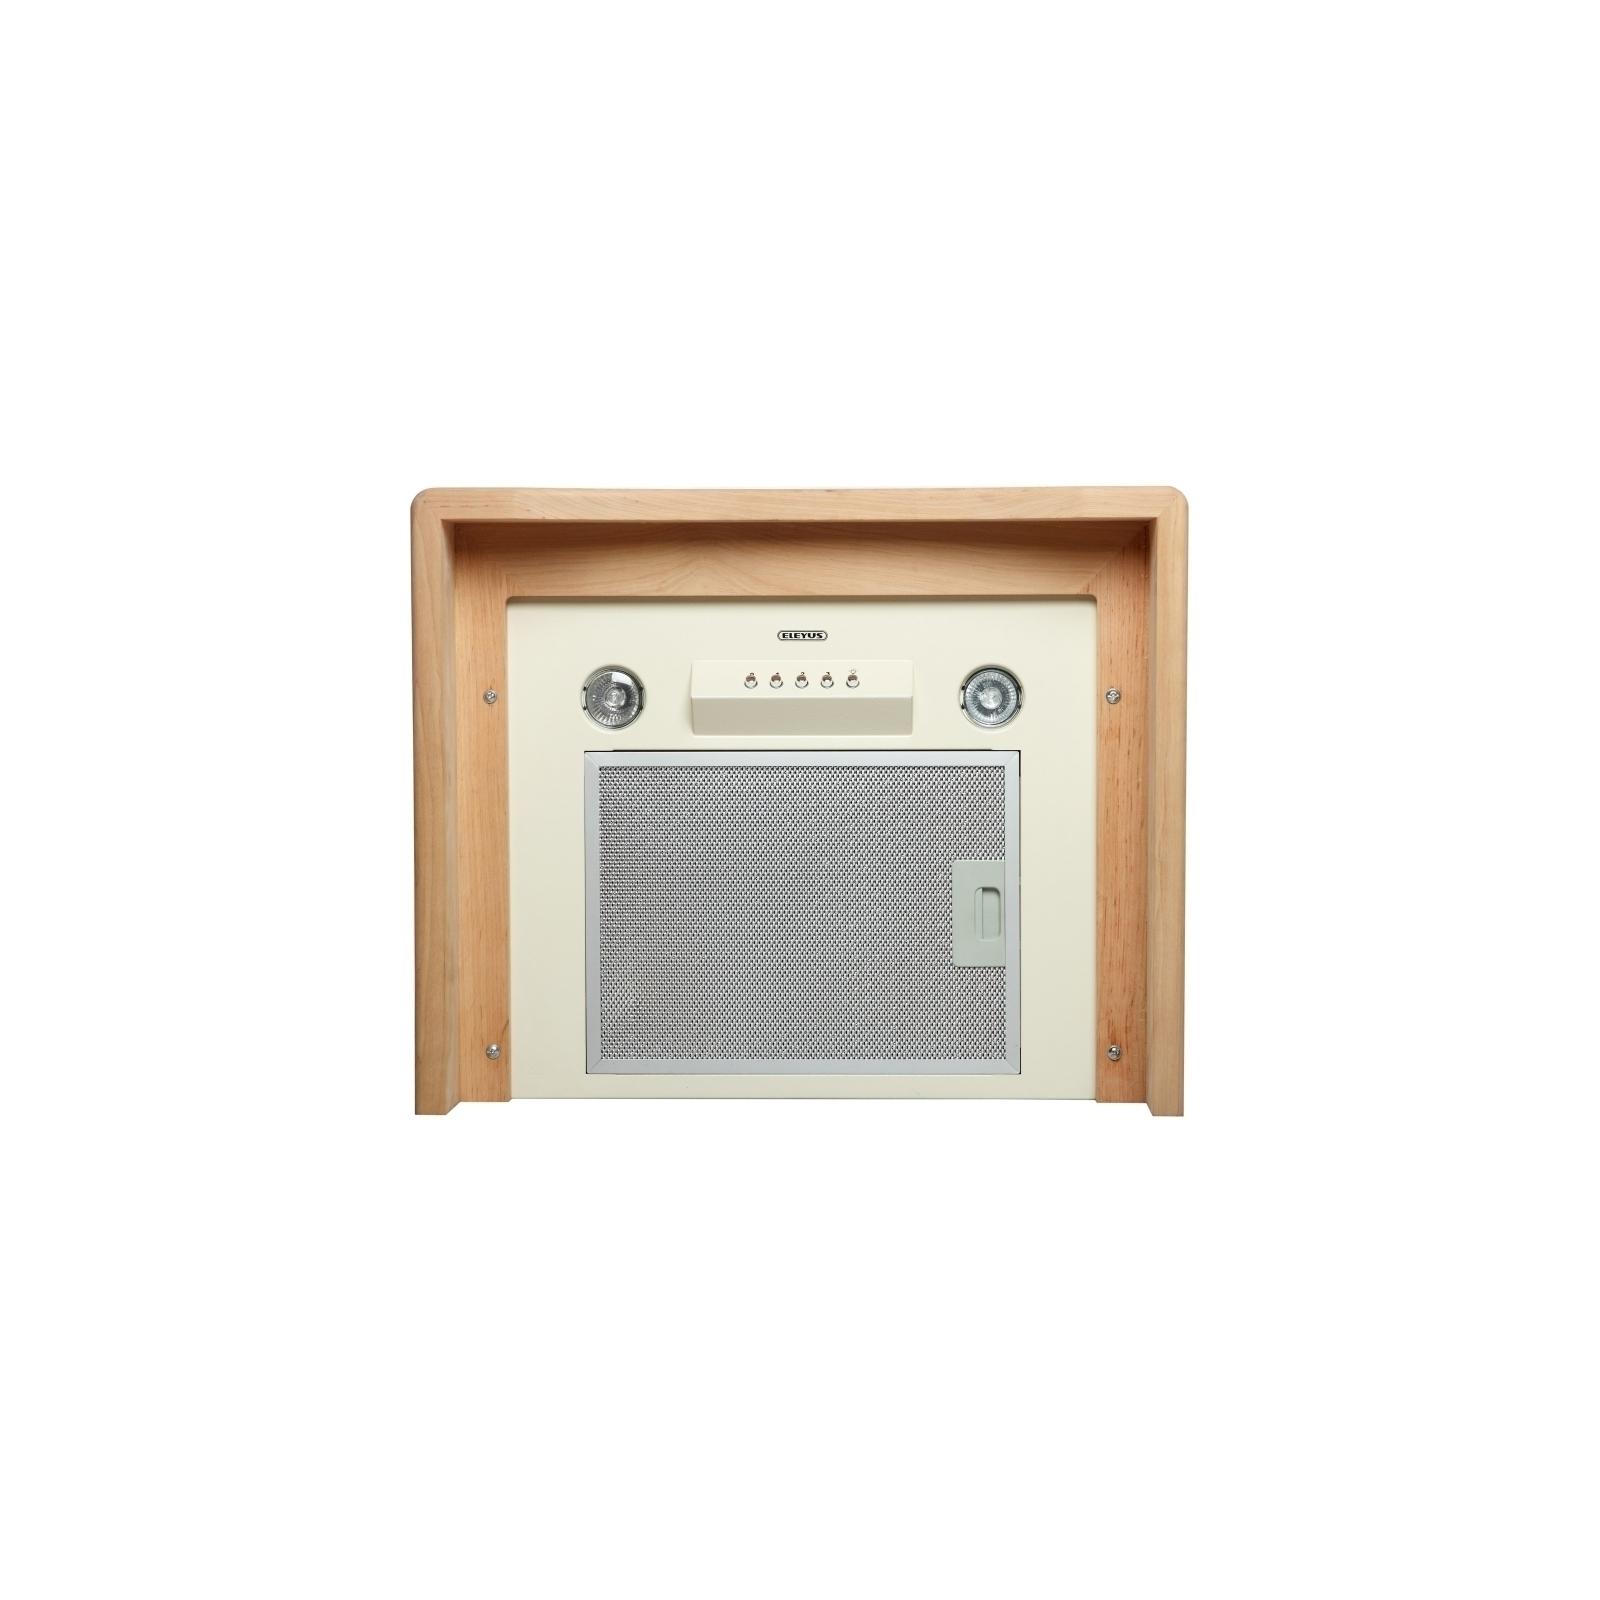 Вытяжка кухонная ELEYUS Gamma H 1000 60 N изображение 5